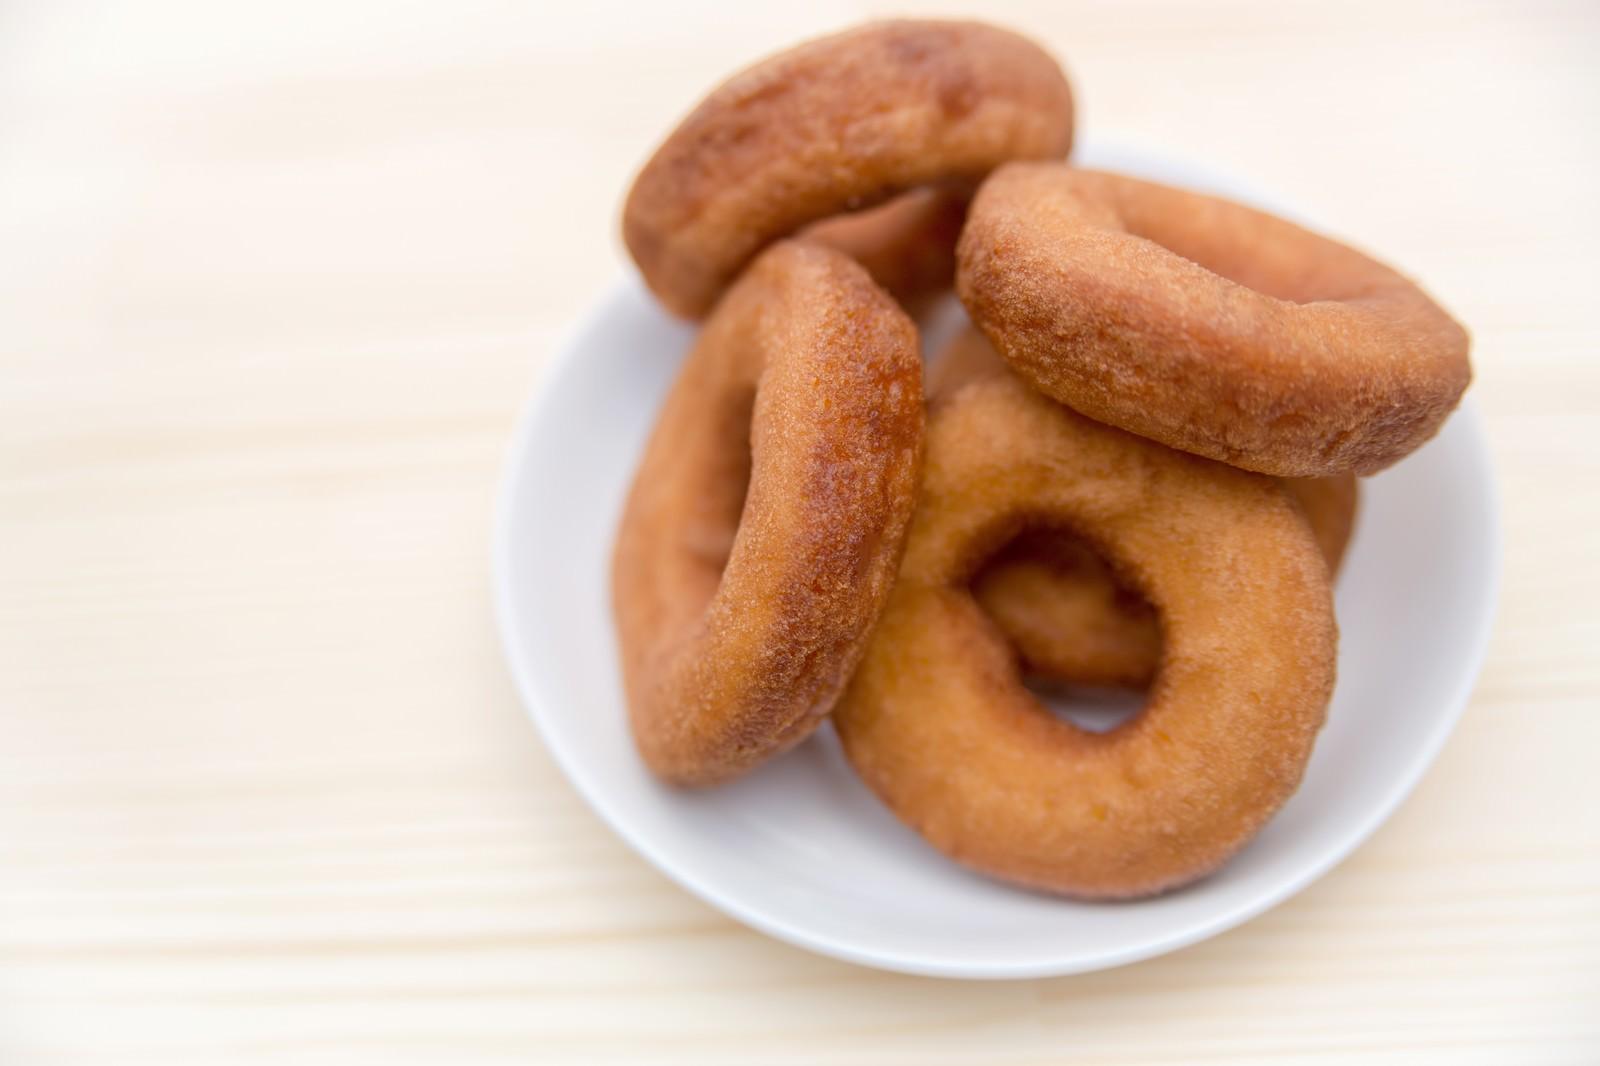 「お皿に盛られたドーナツ(プレーン)」の写真